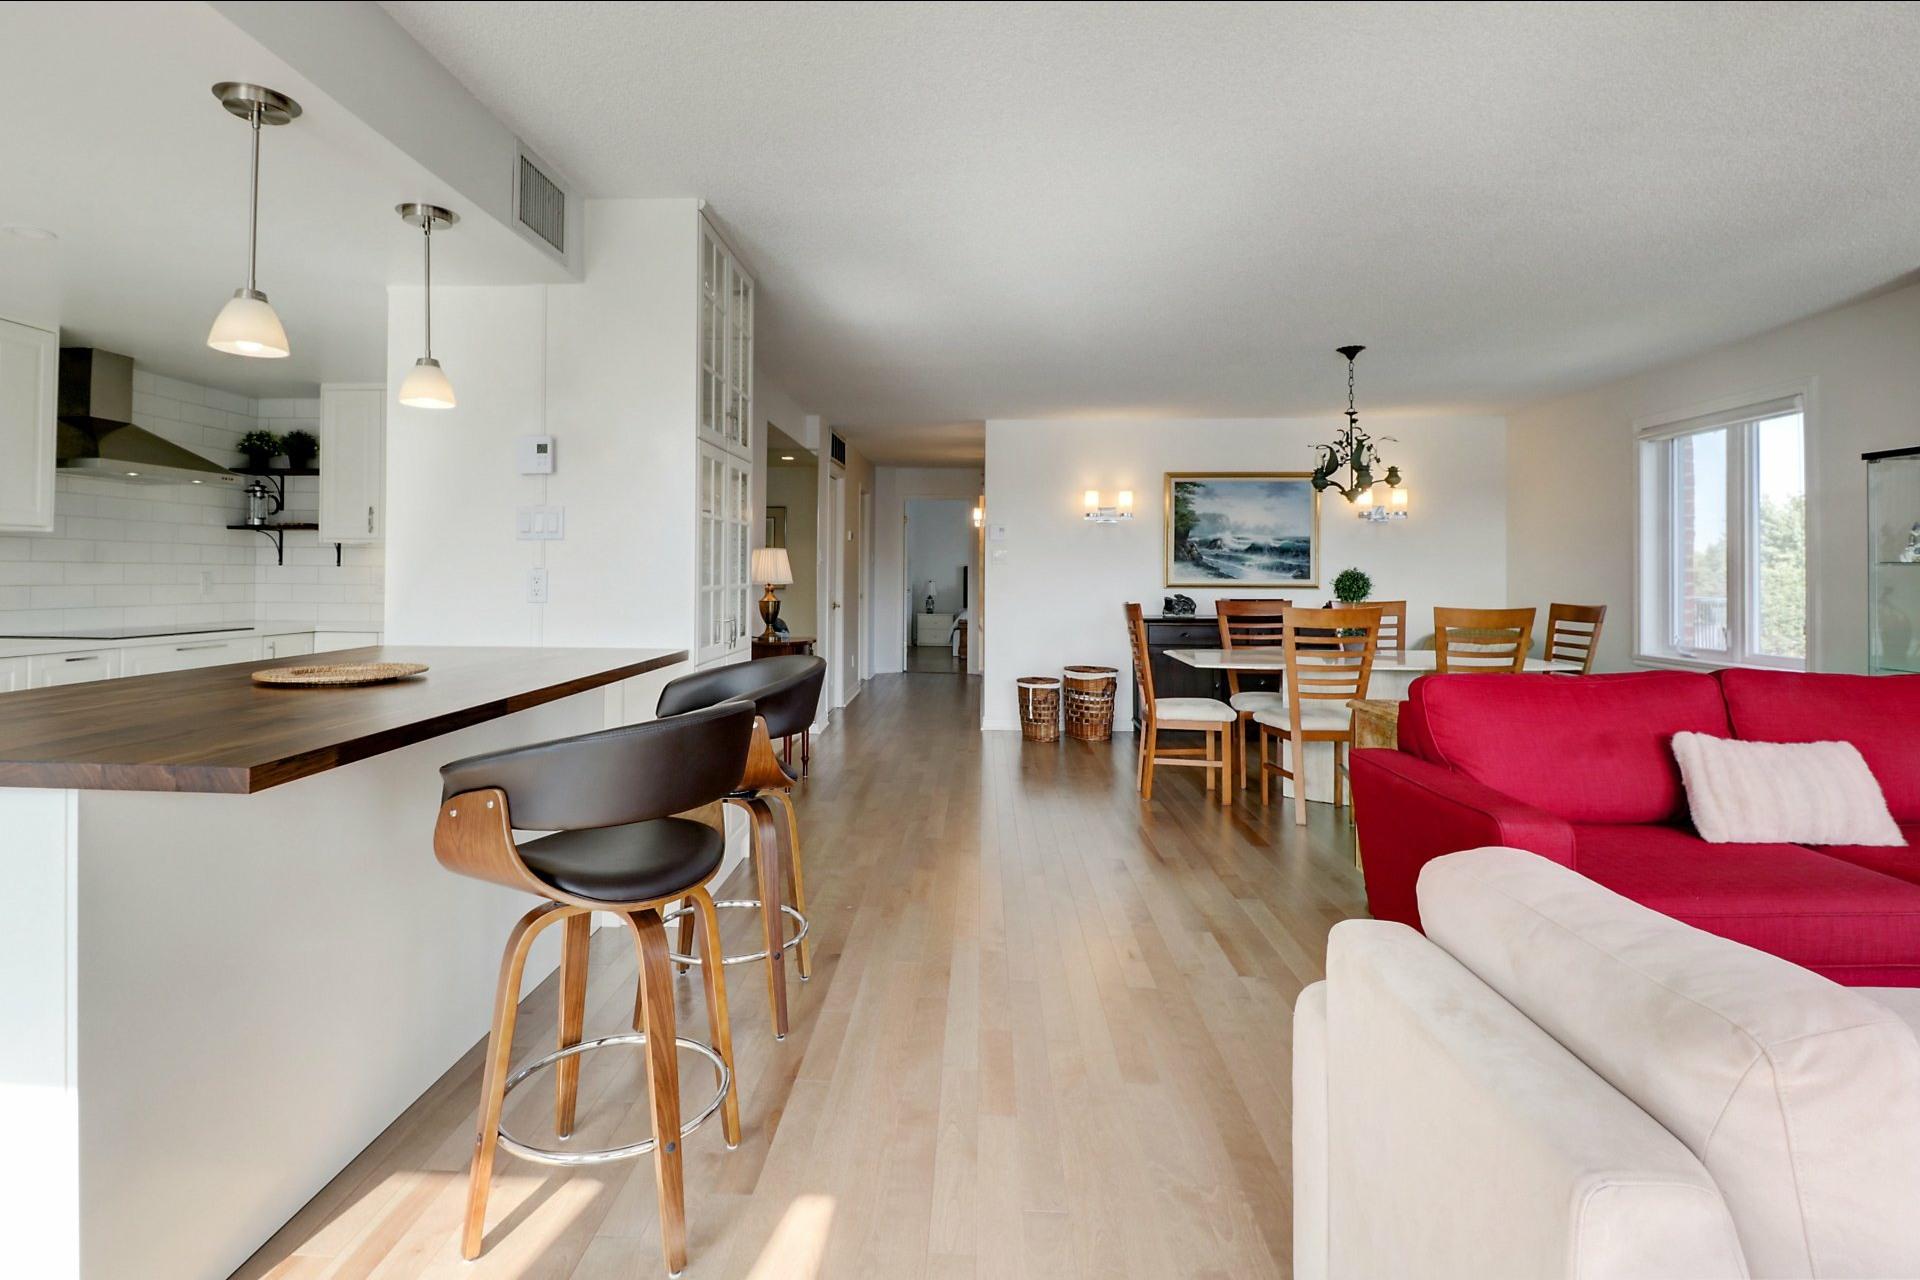 image 11 - Appartement À vendre Beloeil - 9 pièces